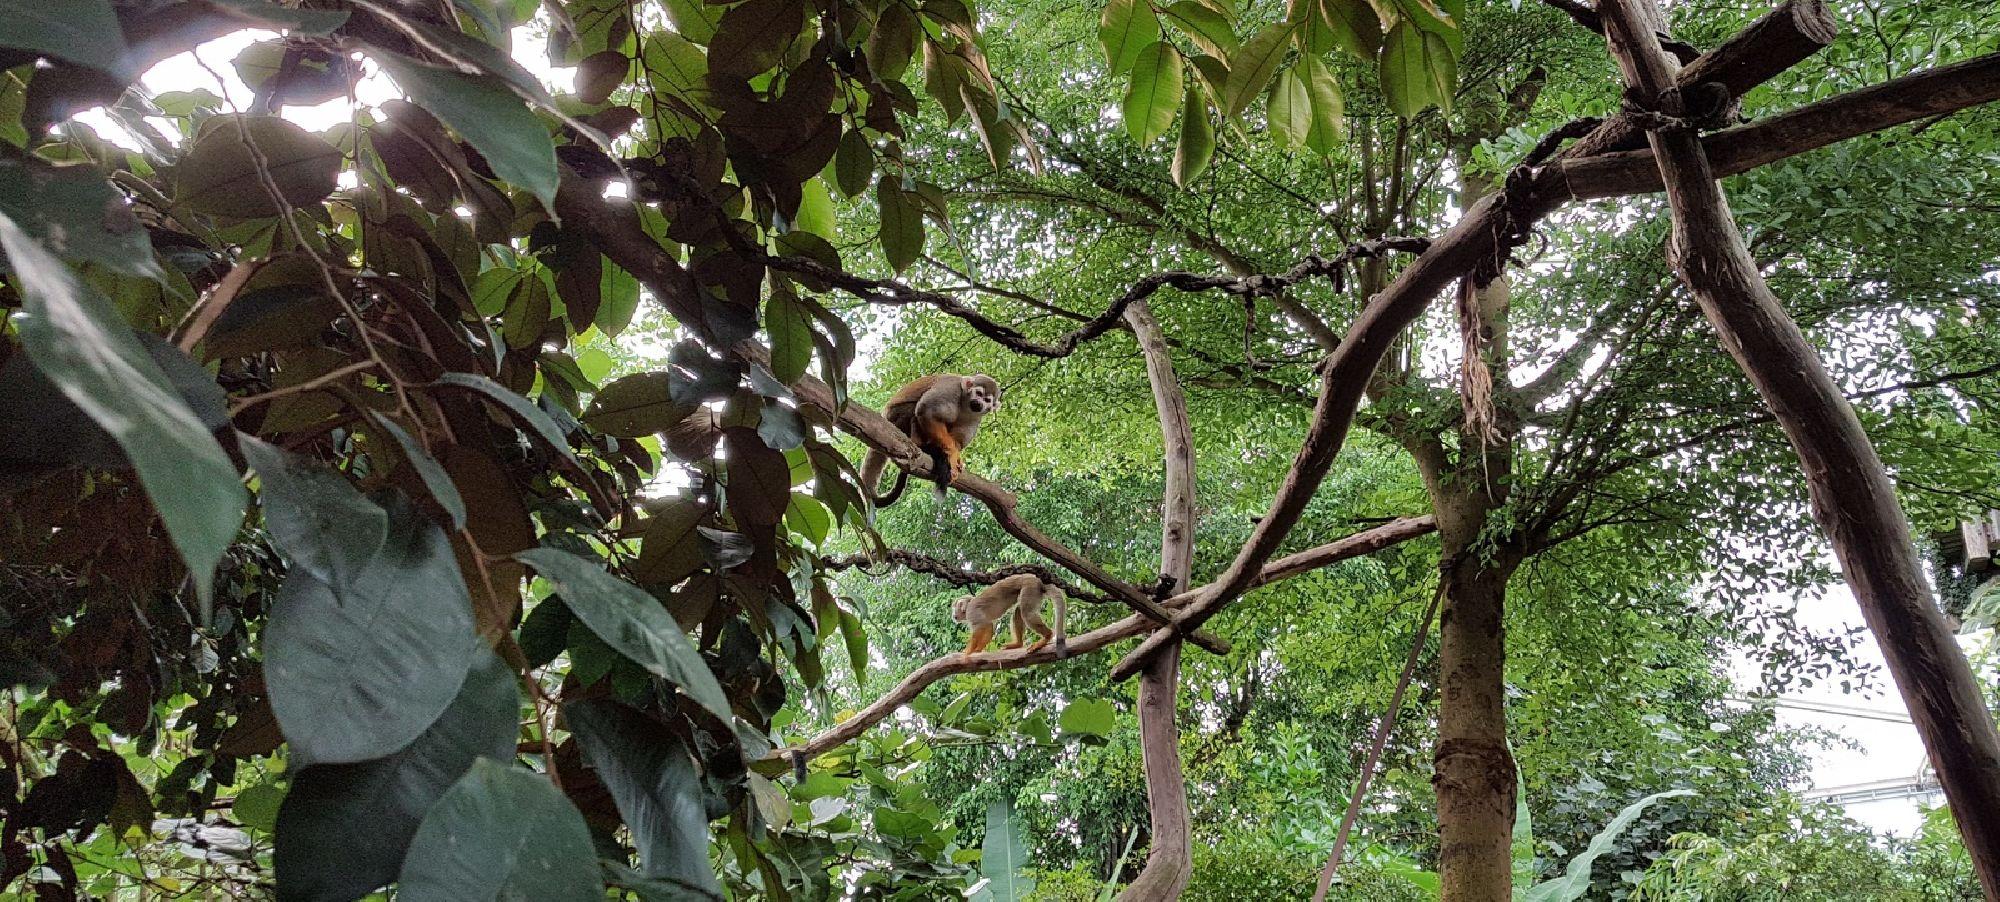 Äffchen in den Bäumen